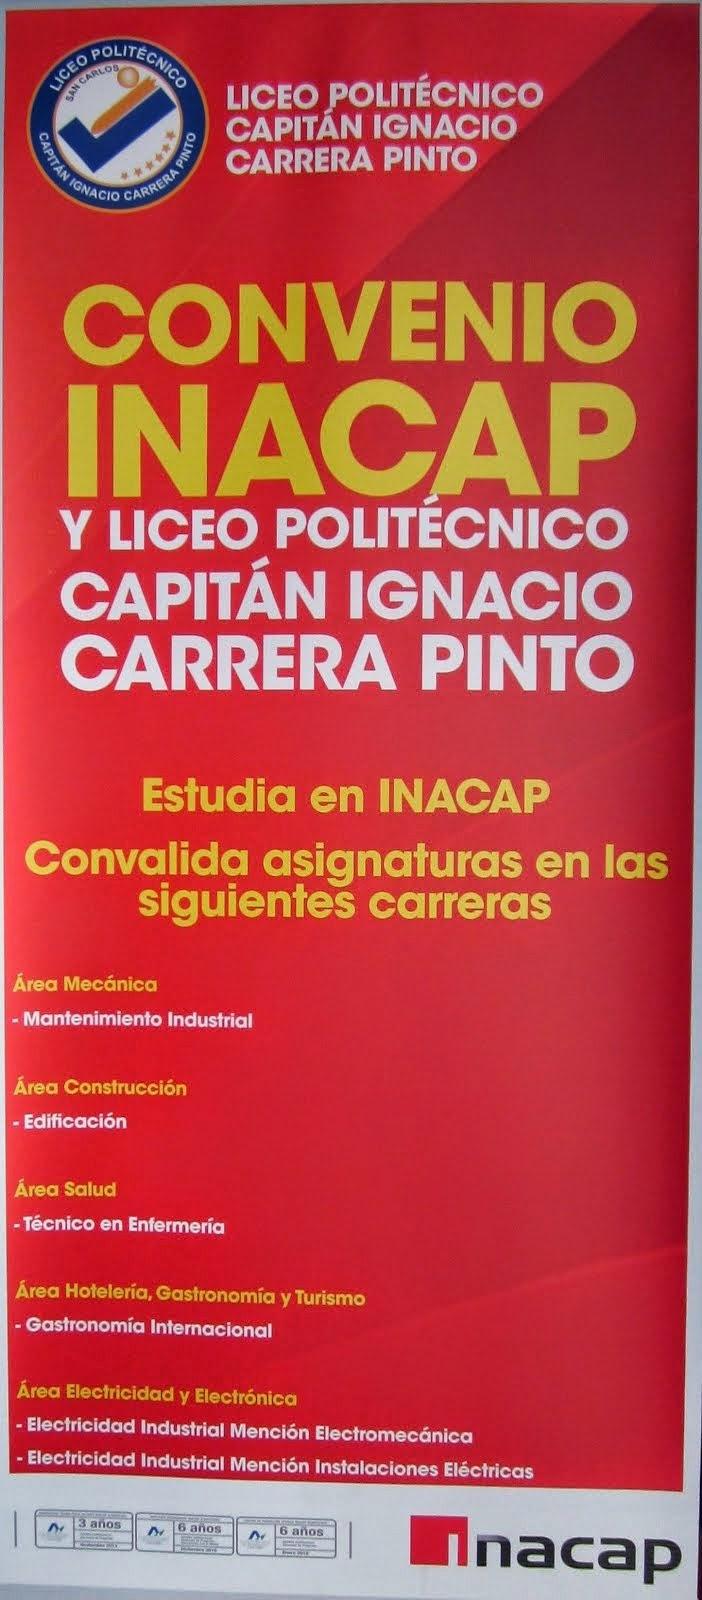 Convenio Inacap Chillán